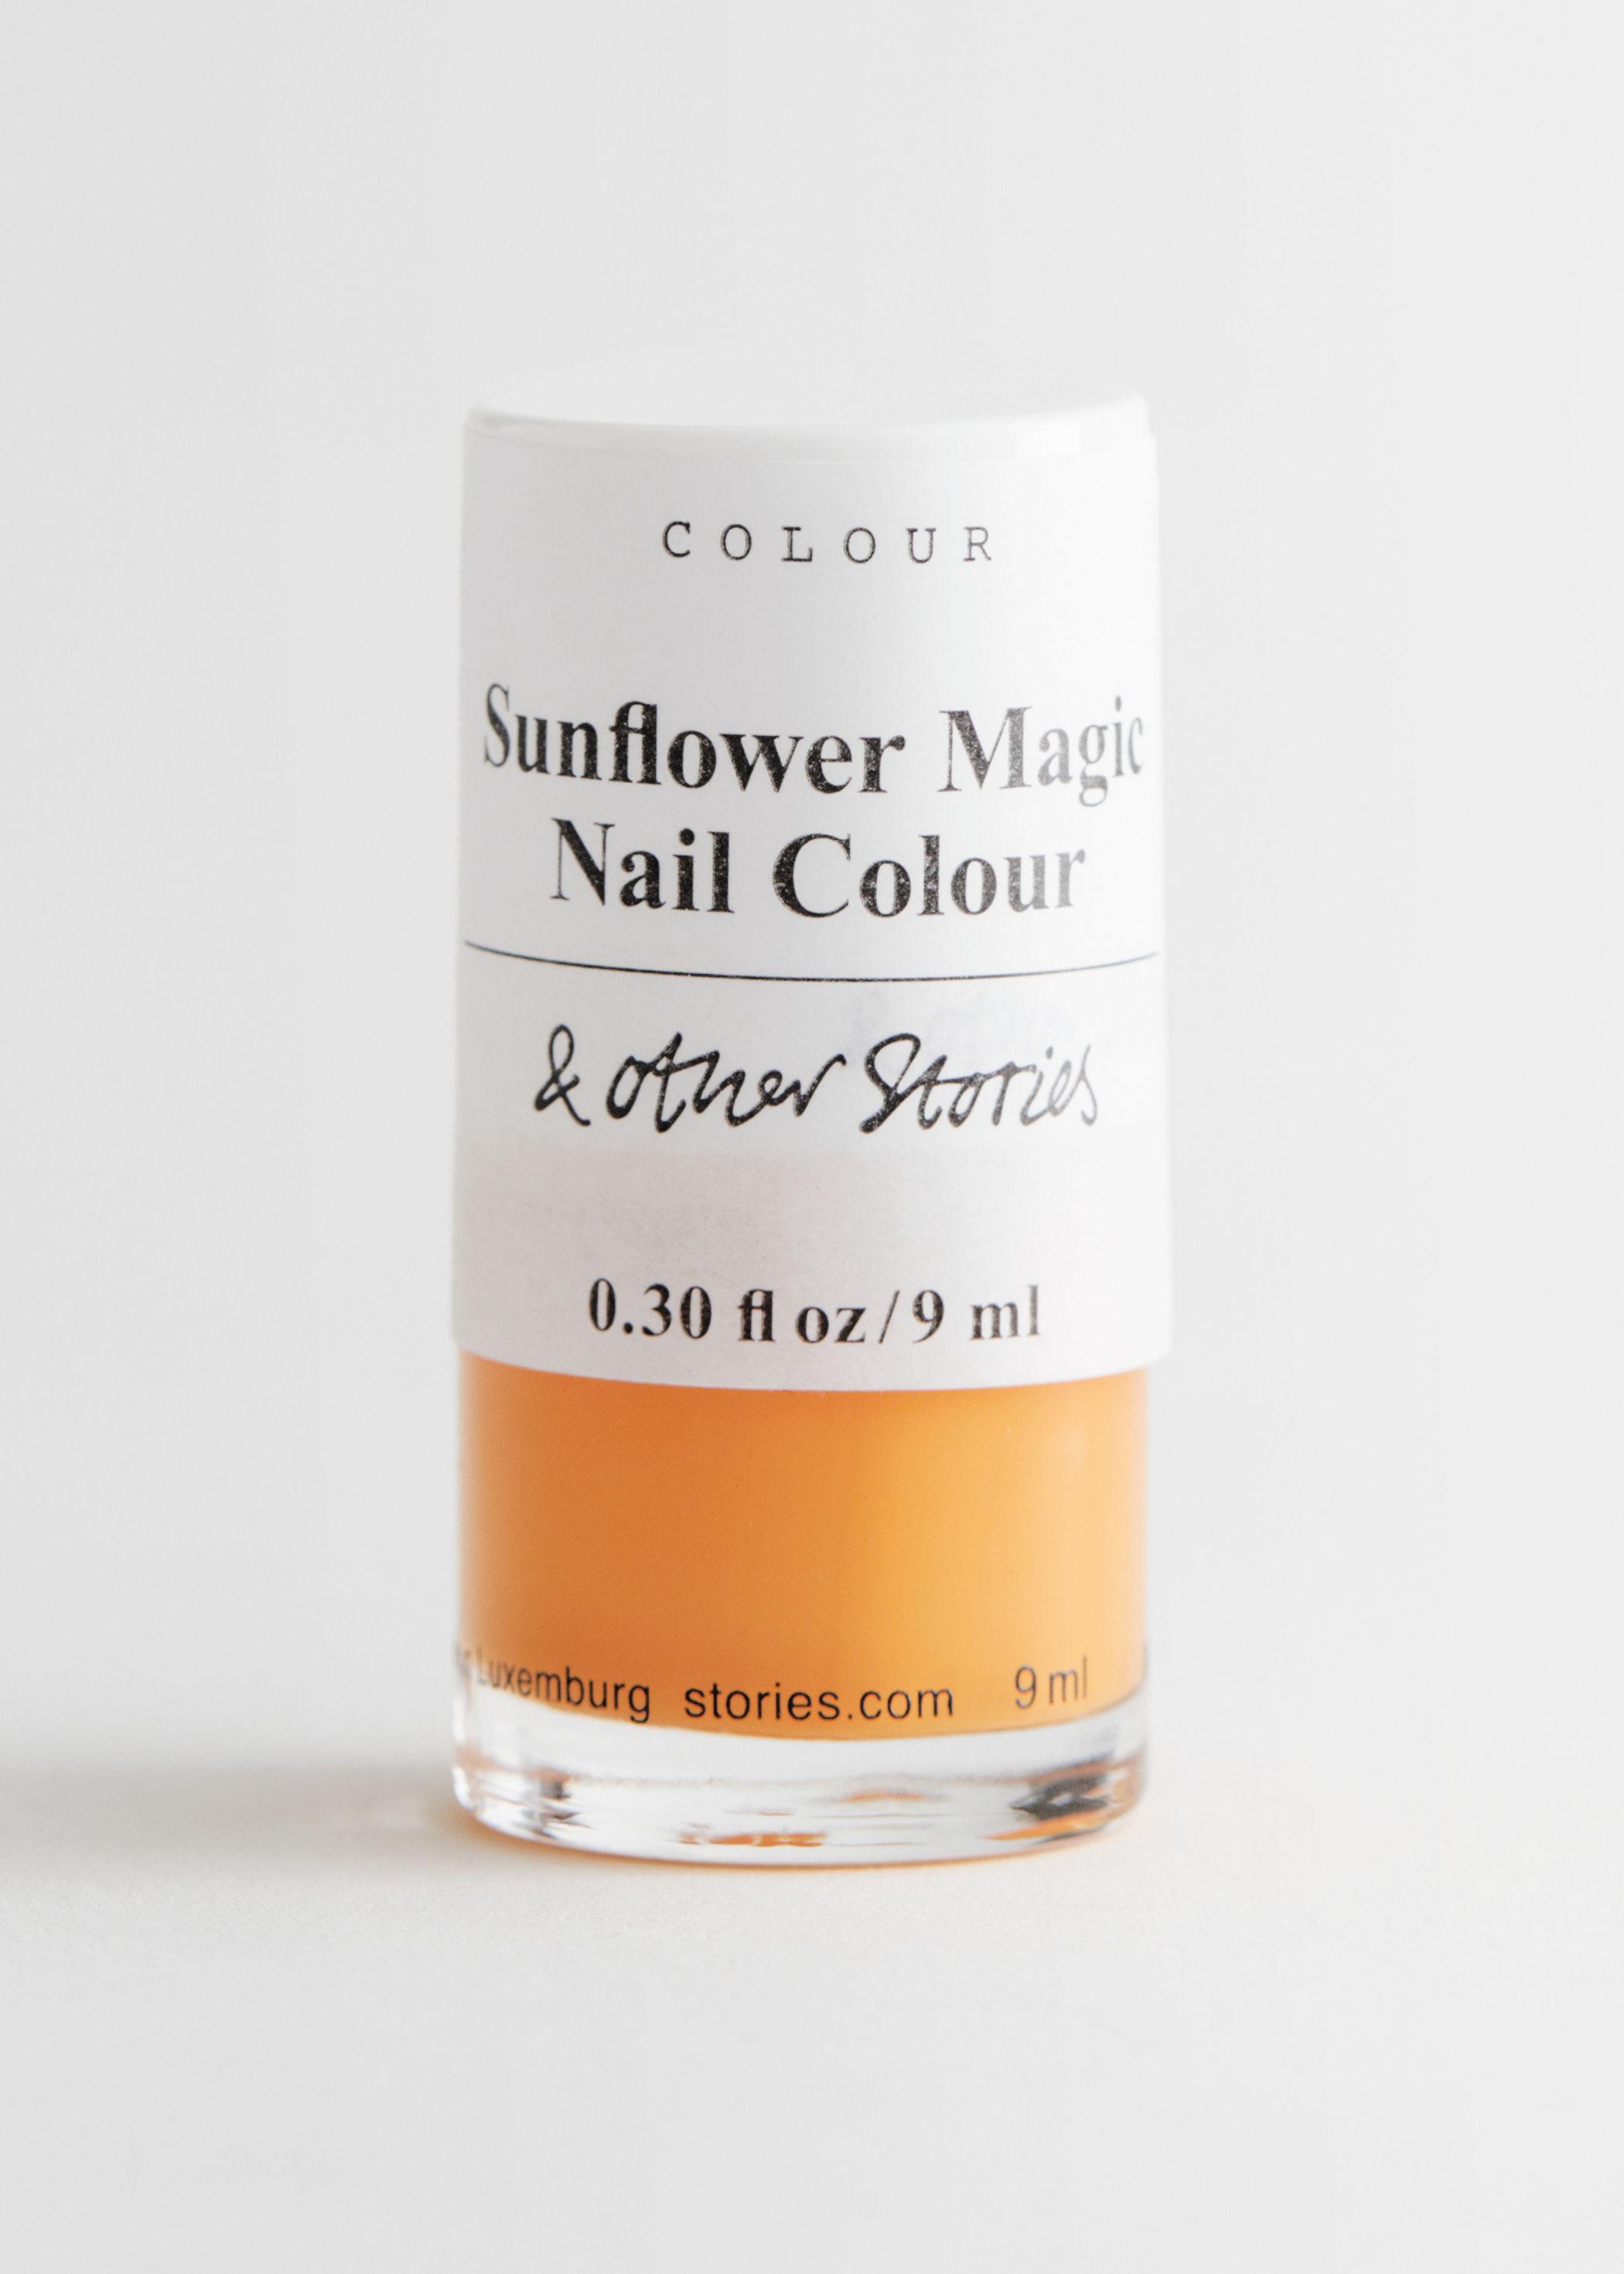 앤 아더 스토리즈 네일 폴리시 매니큐어 & OTHER STORIES Sunflower Magic Nail Polish